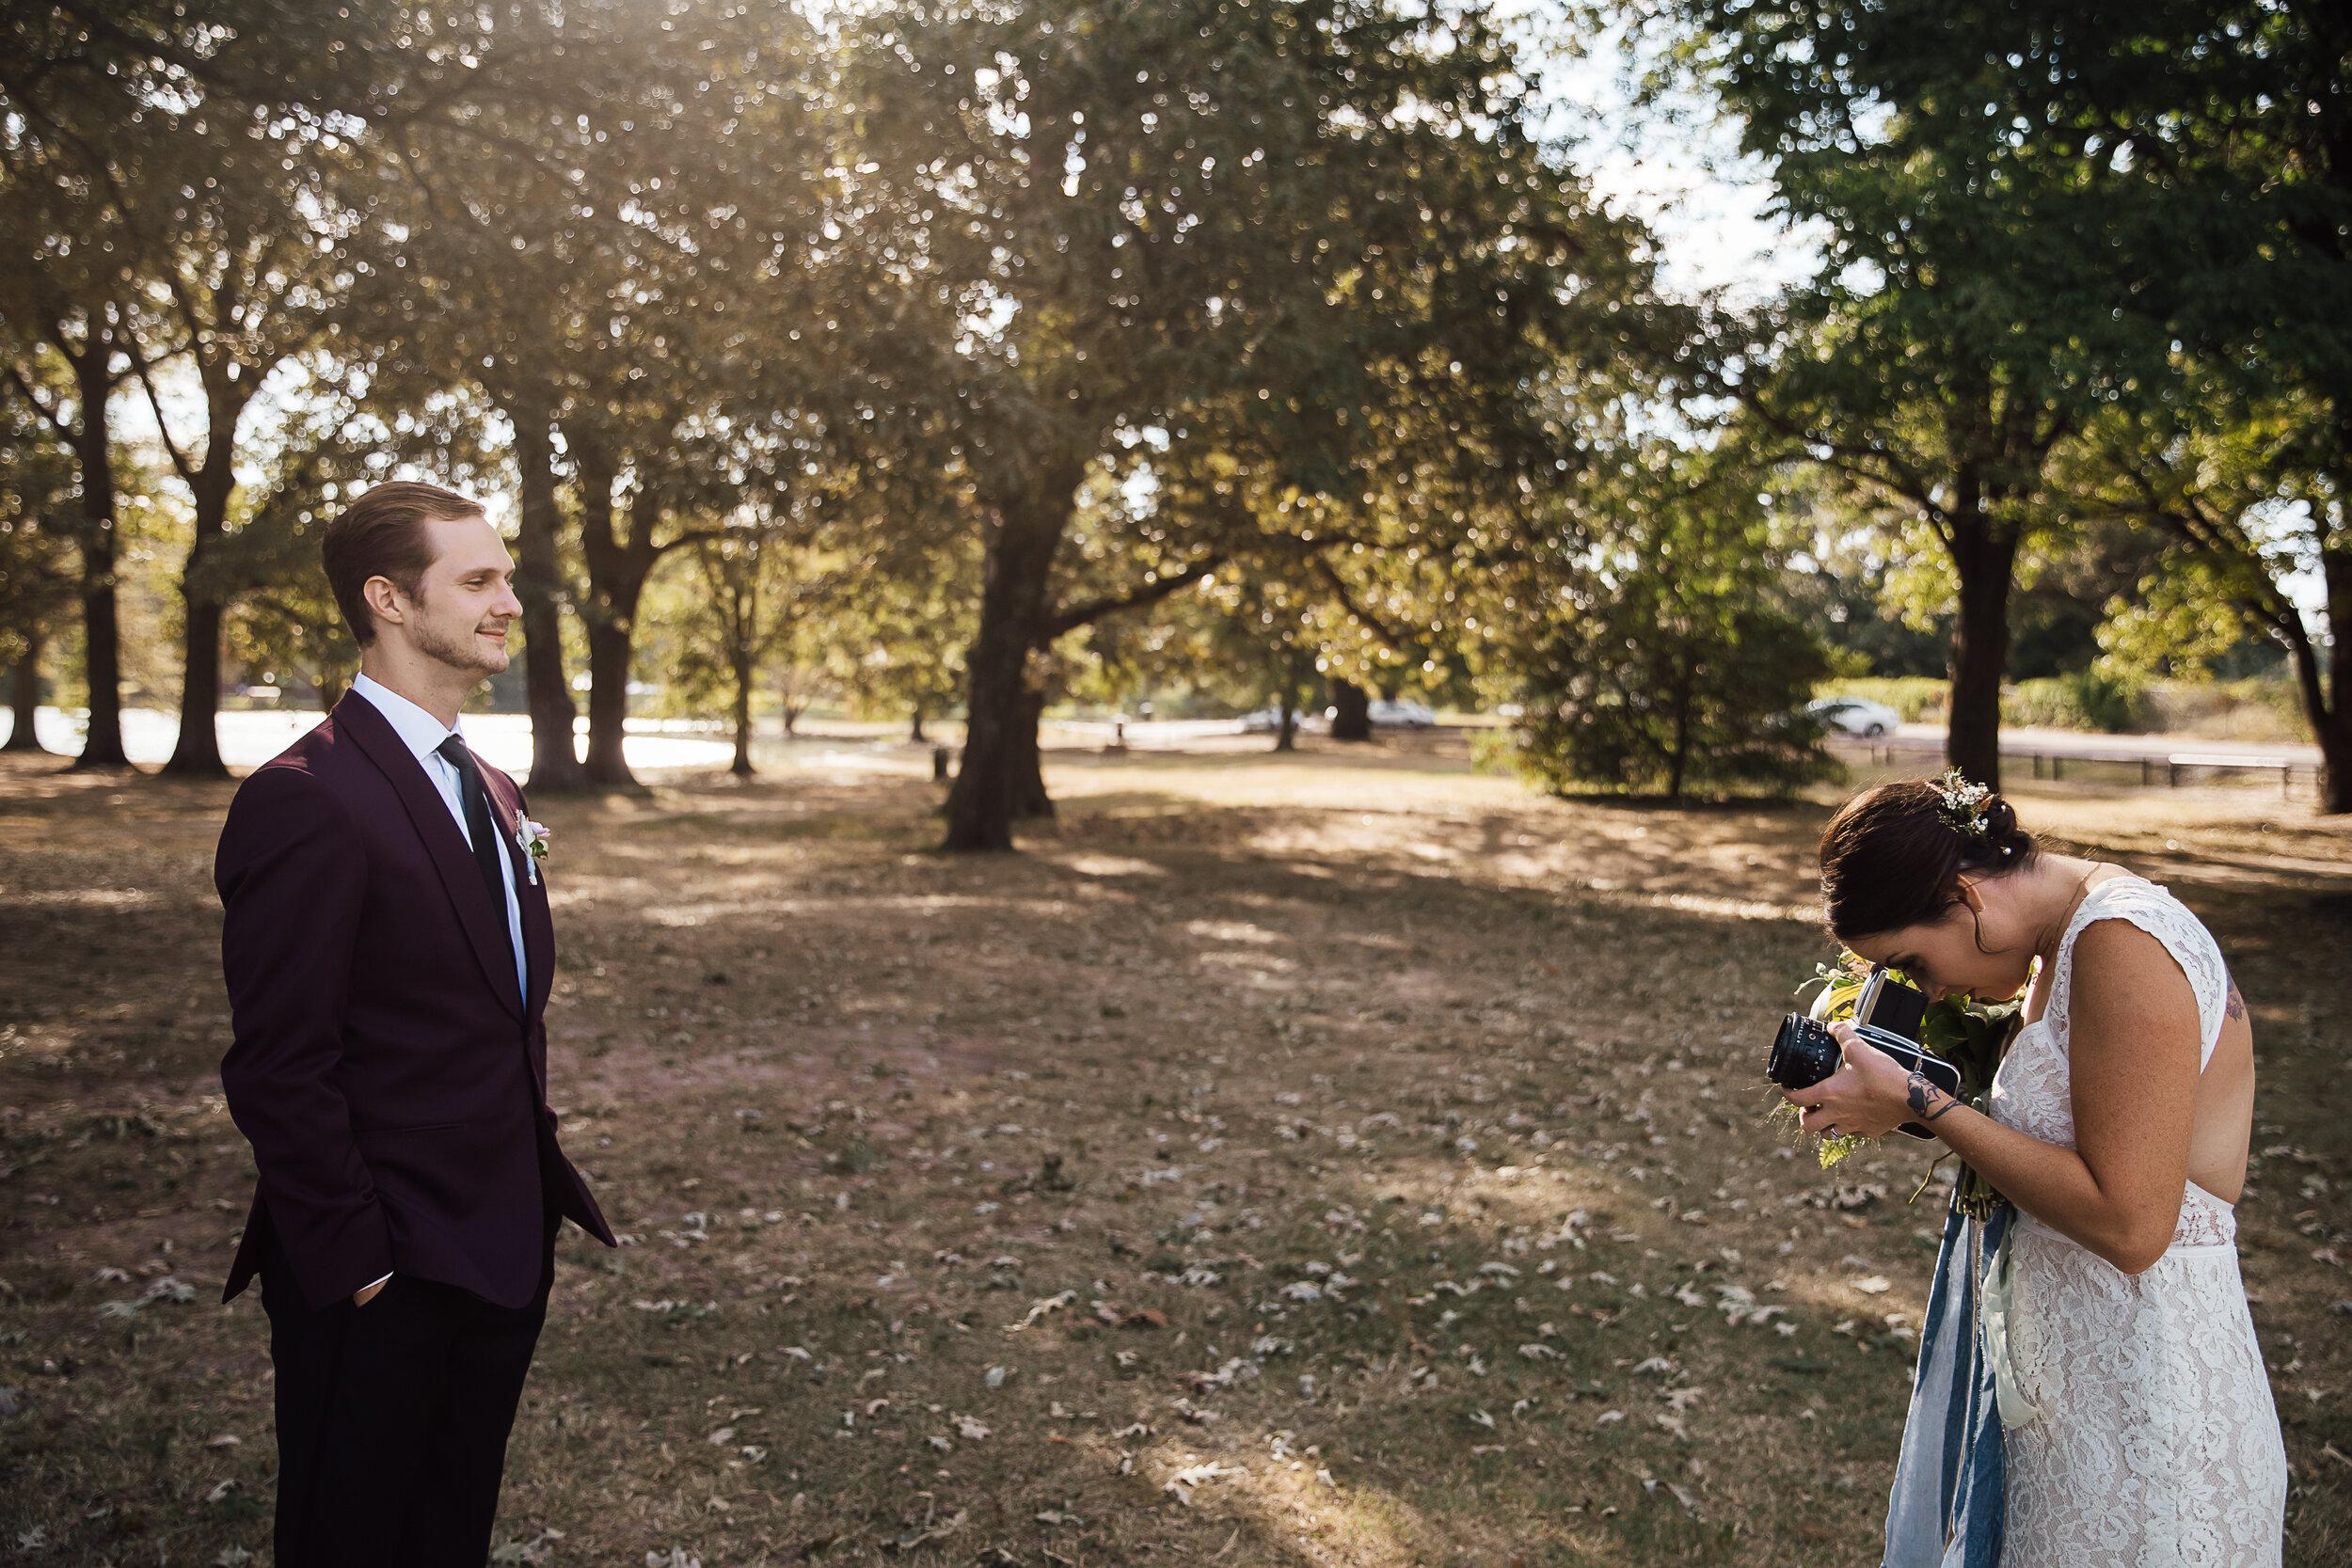 Allison-and-Wesley-Memphis-Backyard-Wedding-TheWarmthAroundYou-130.jpg